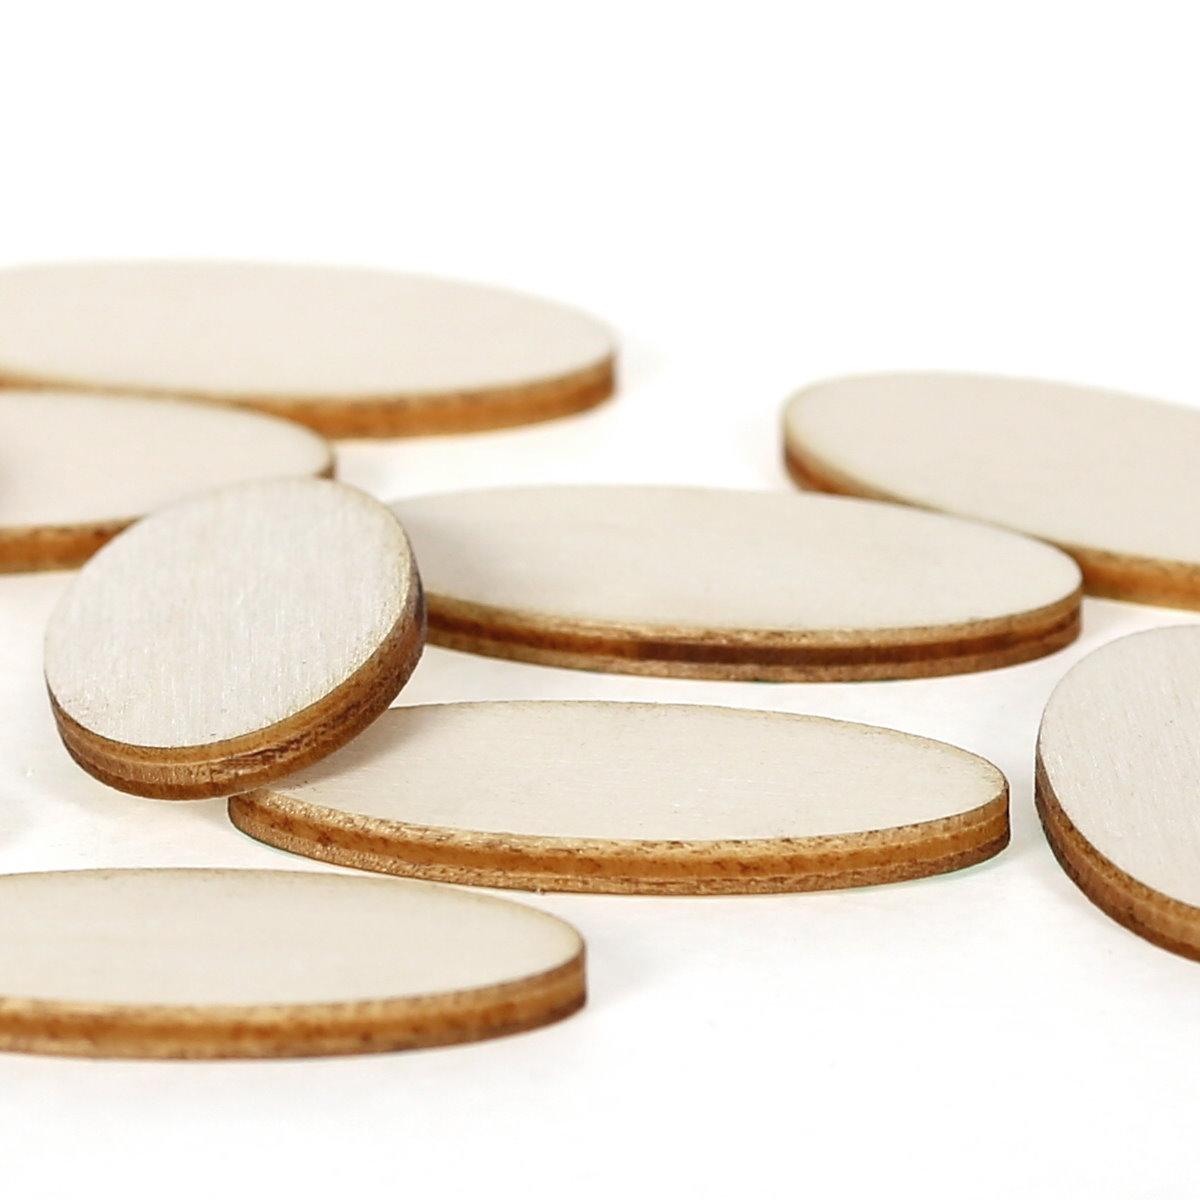 60x30cm Streudeko Basteln Deko Tischde Ovale Holzscheiben Holz Platten 2x1cm